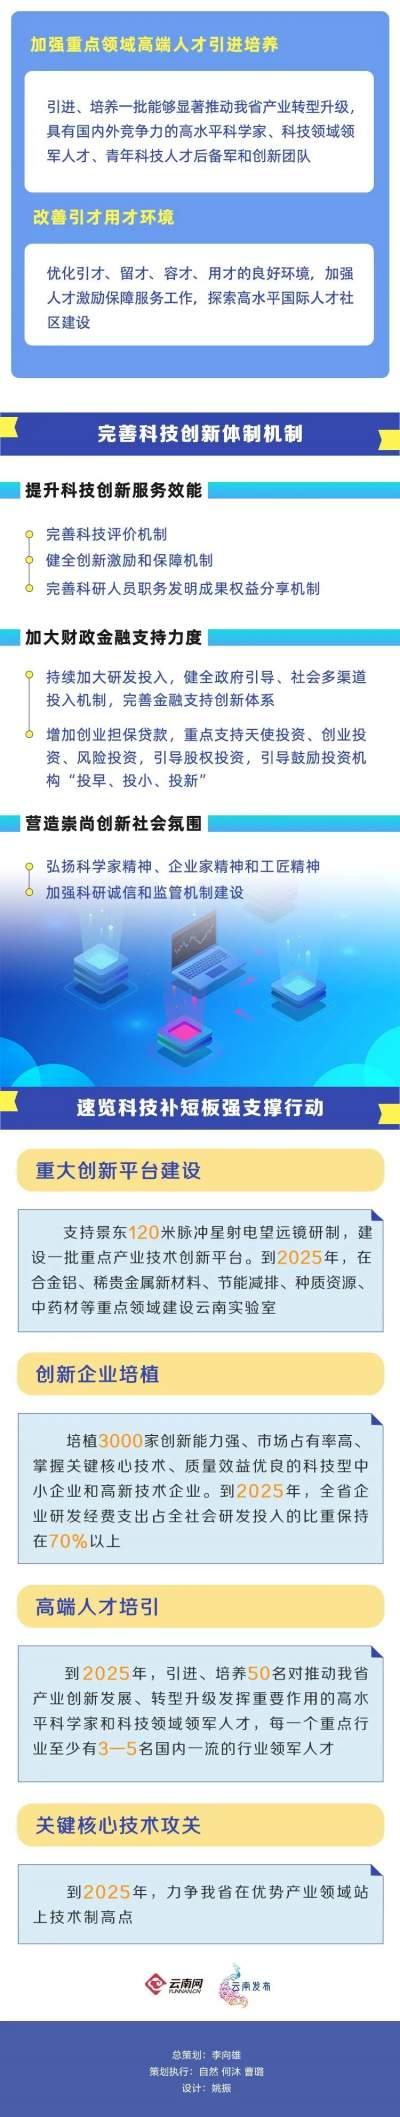 未来五年,创新型云南这样建设!